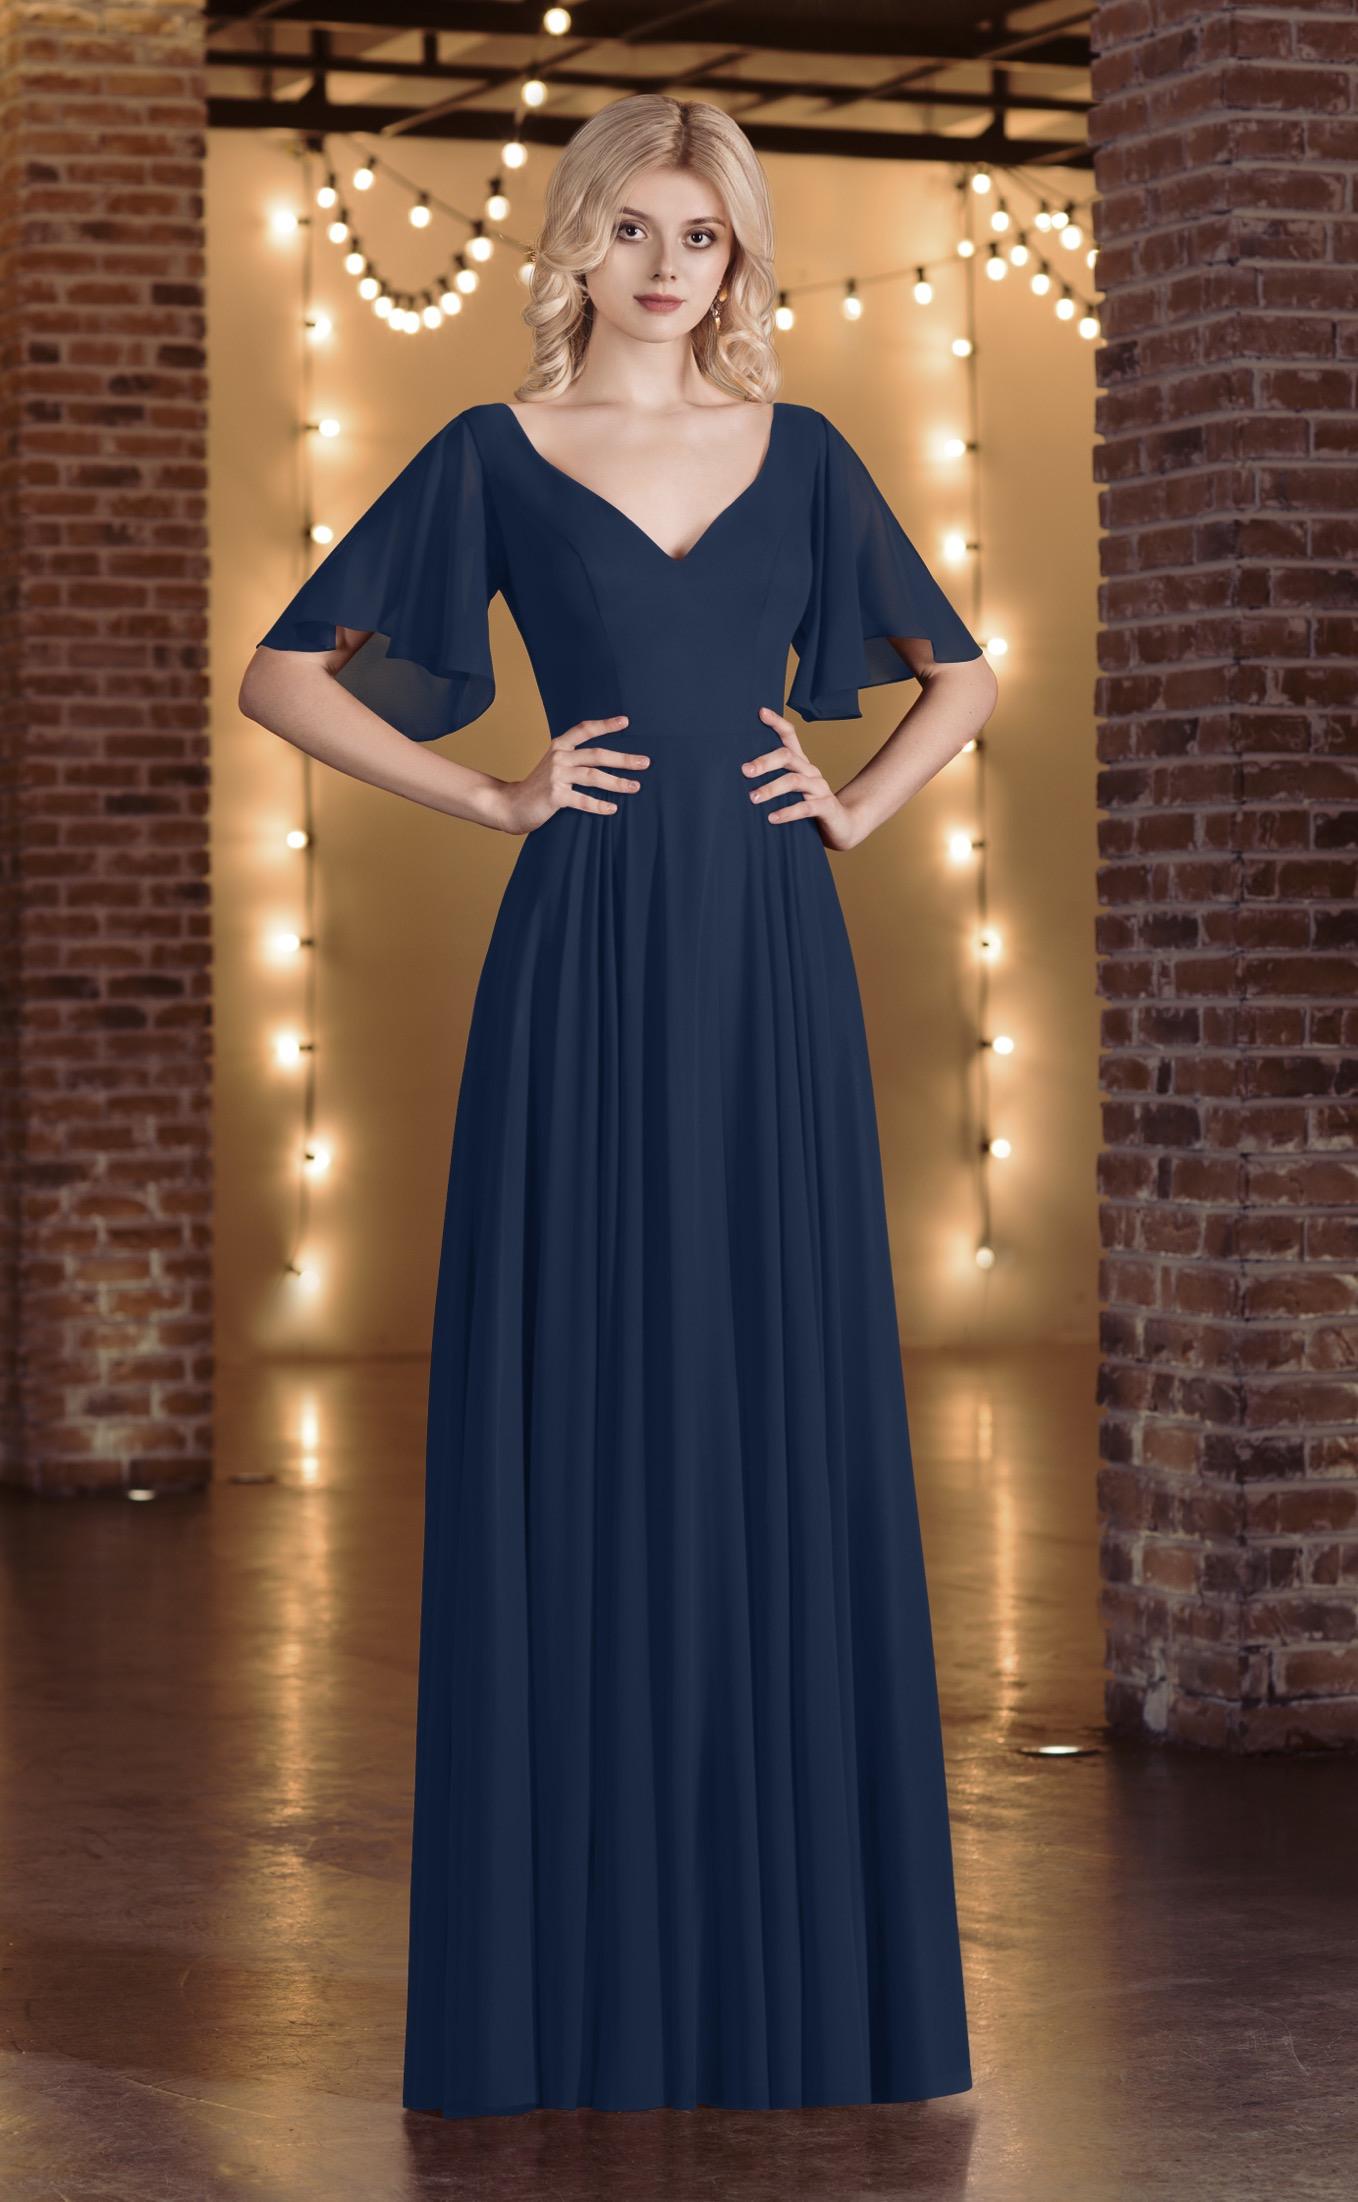 15 Kreativ Abendkleid Nachtblau Ärmel10 Luxurius Abendkleid Nachtblau Ärmel